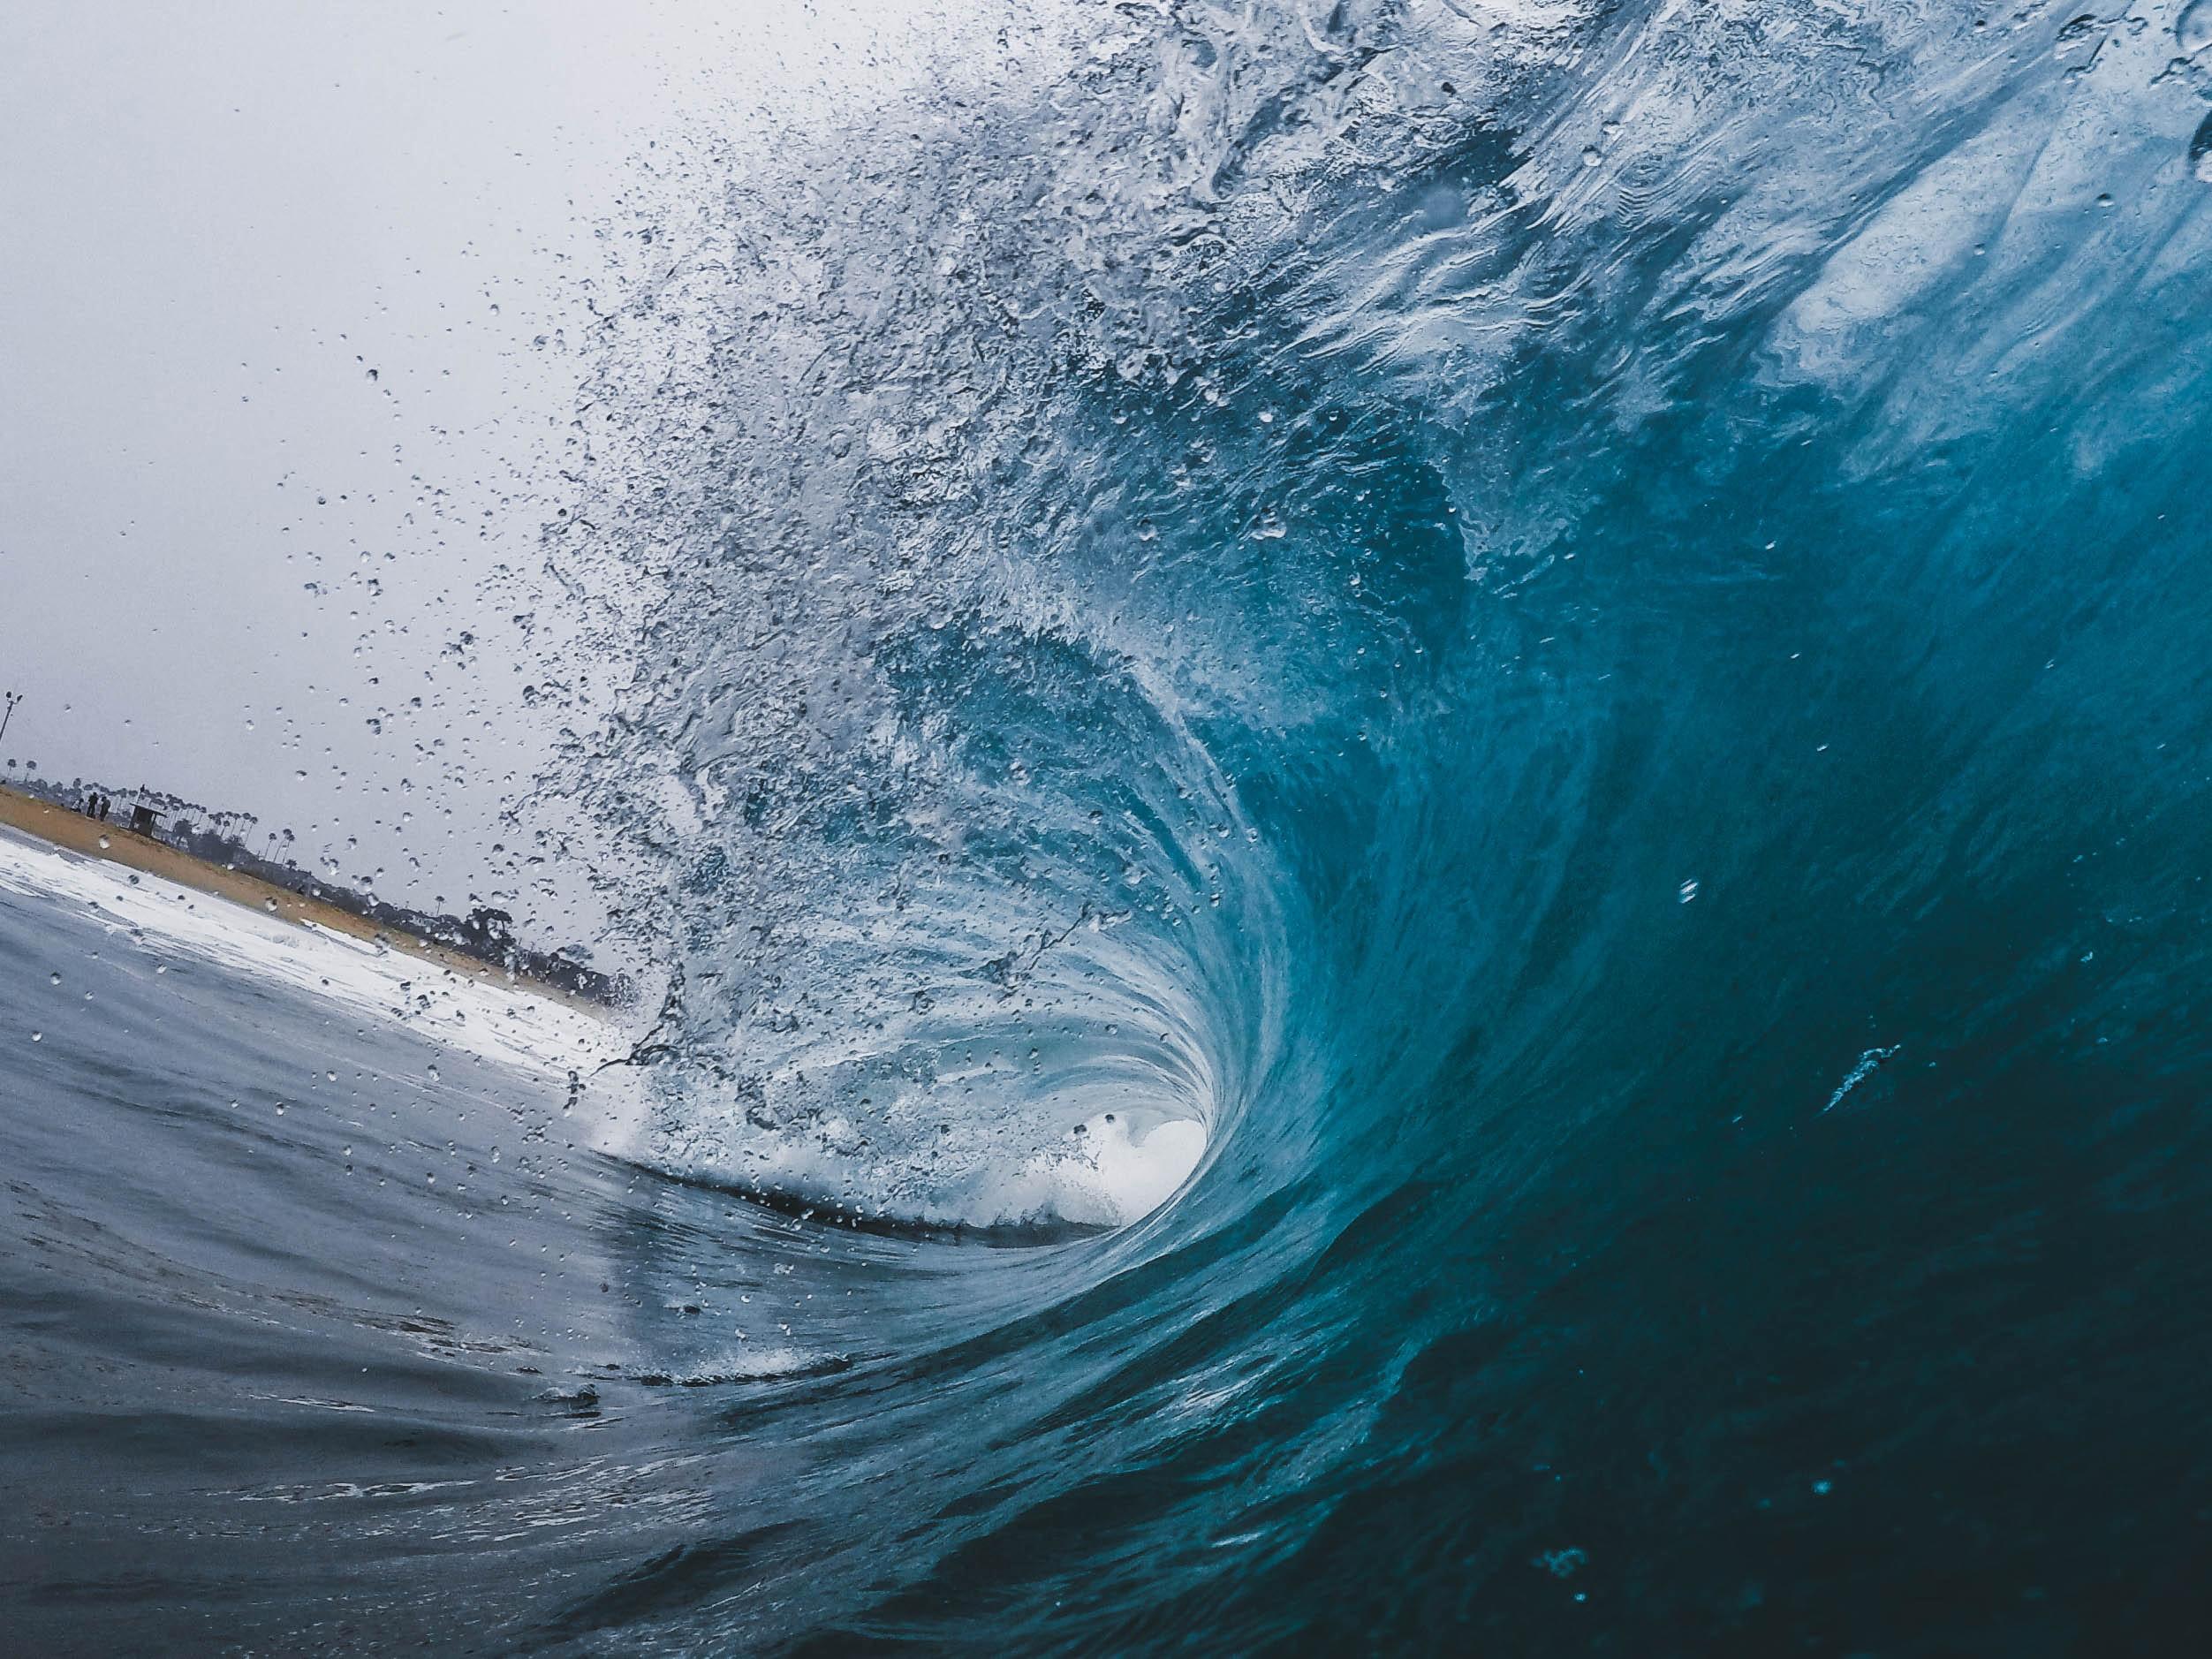 يوم المياه العالمي 2020: التحرك لحماية أثمن مواردنا